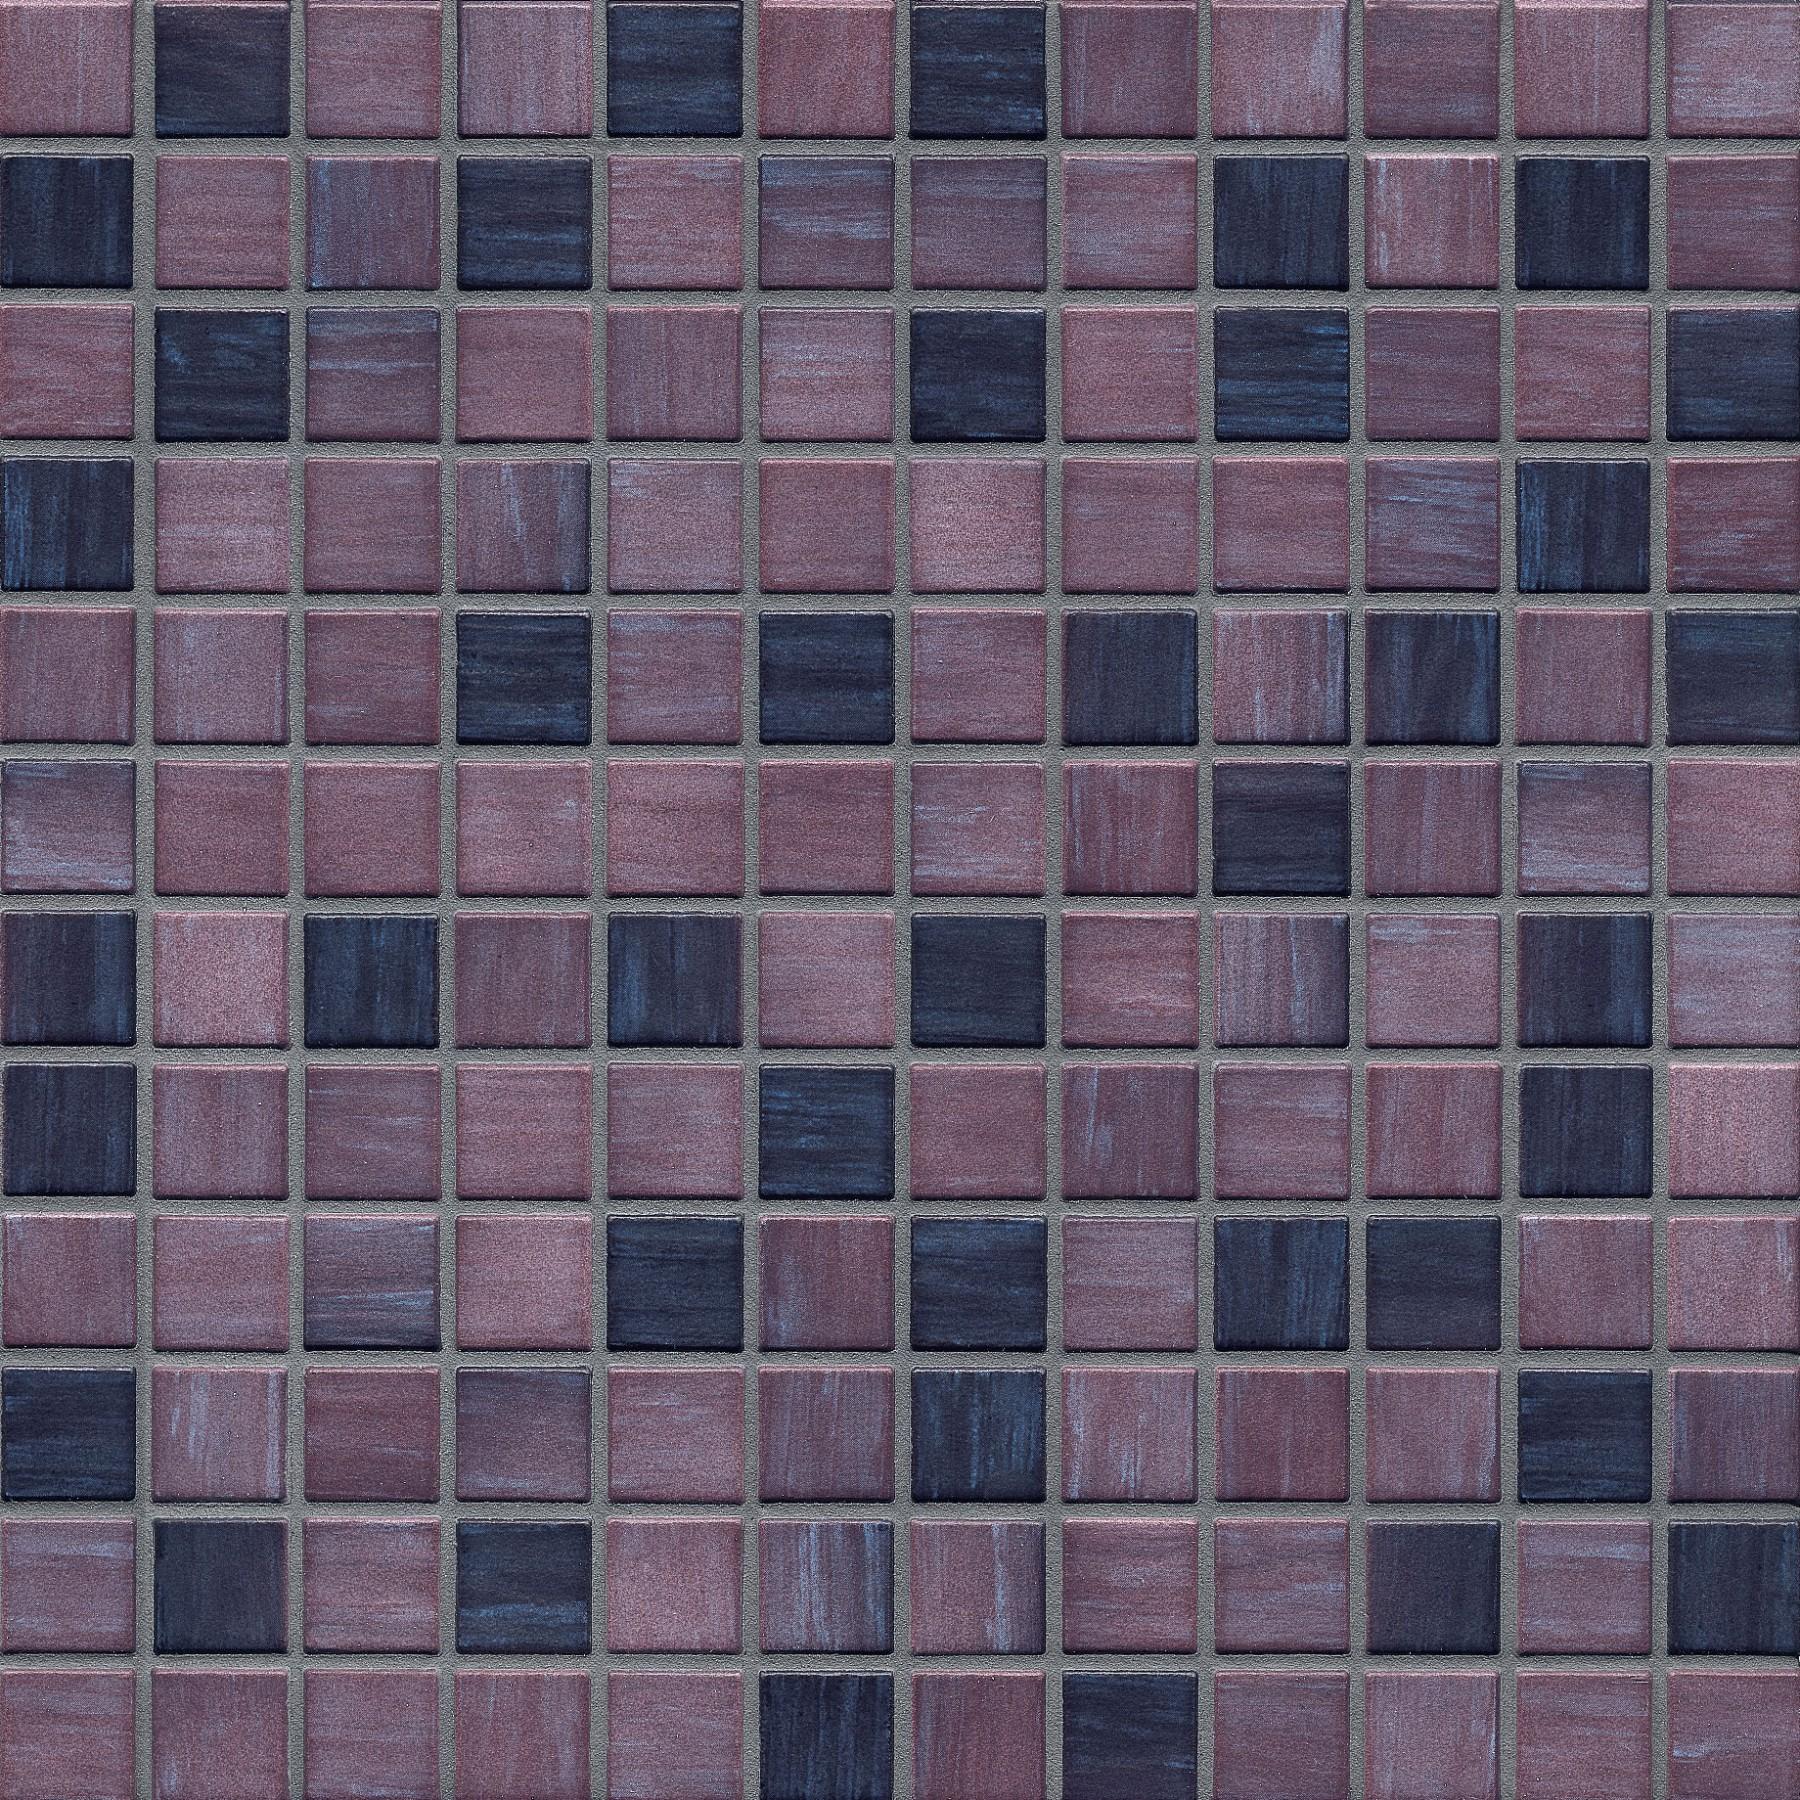 Jasba Homing plum-mix 24x24x6.5 mm 6749H